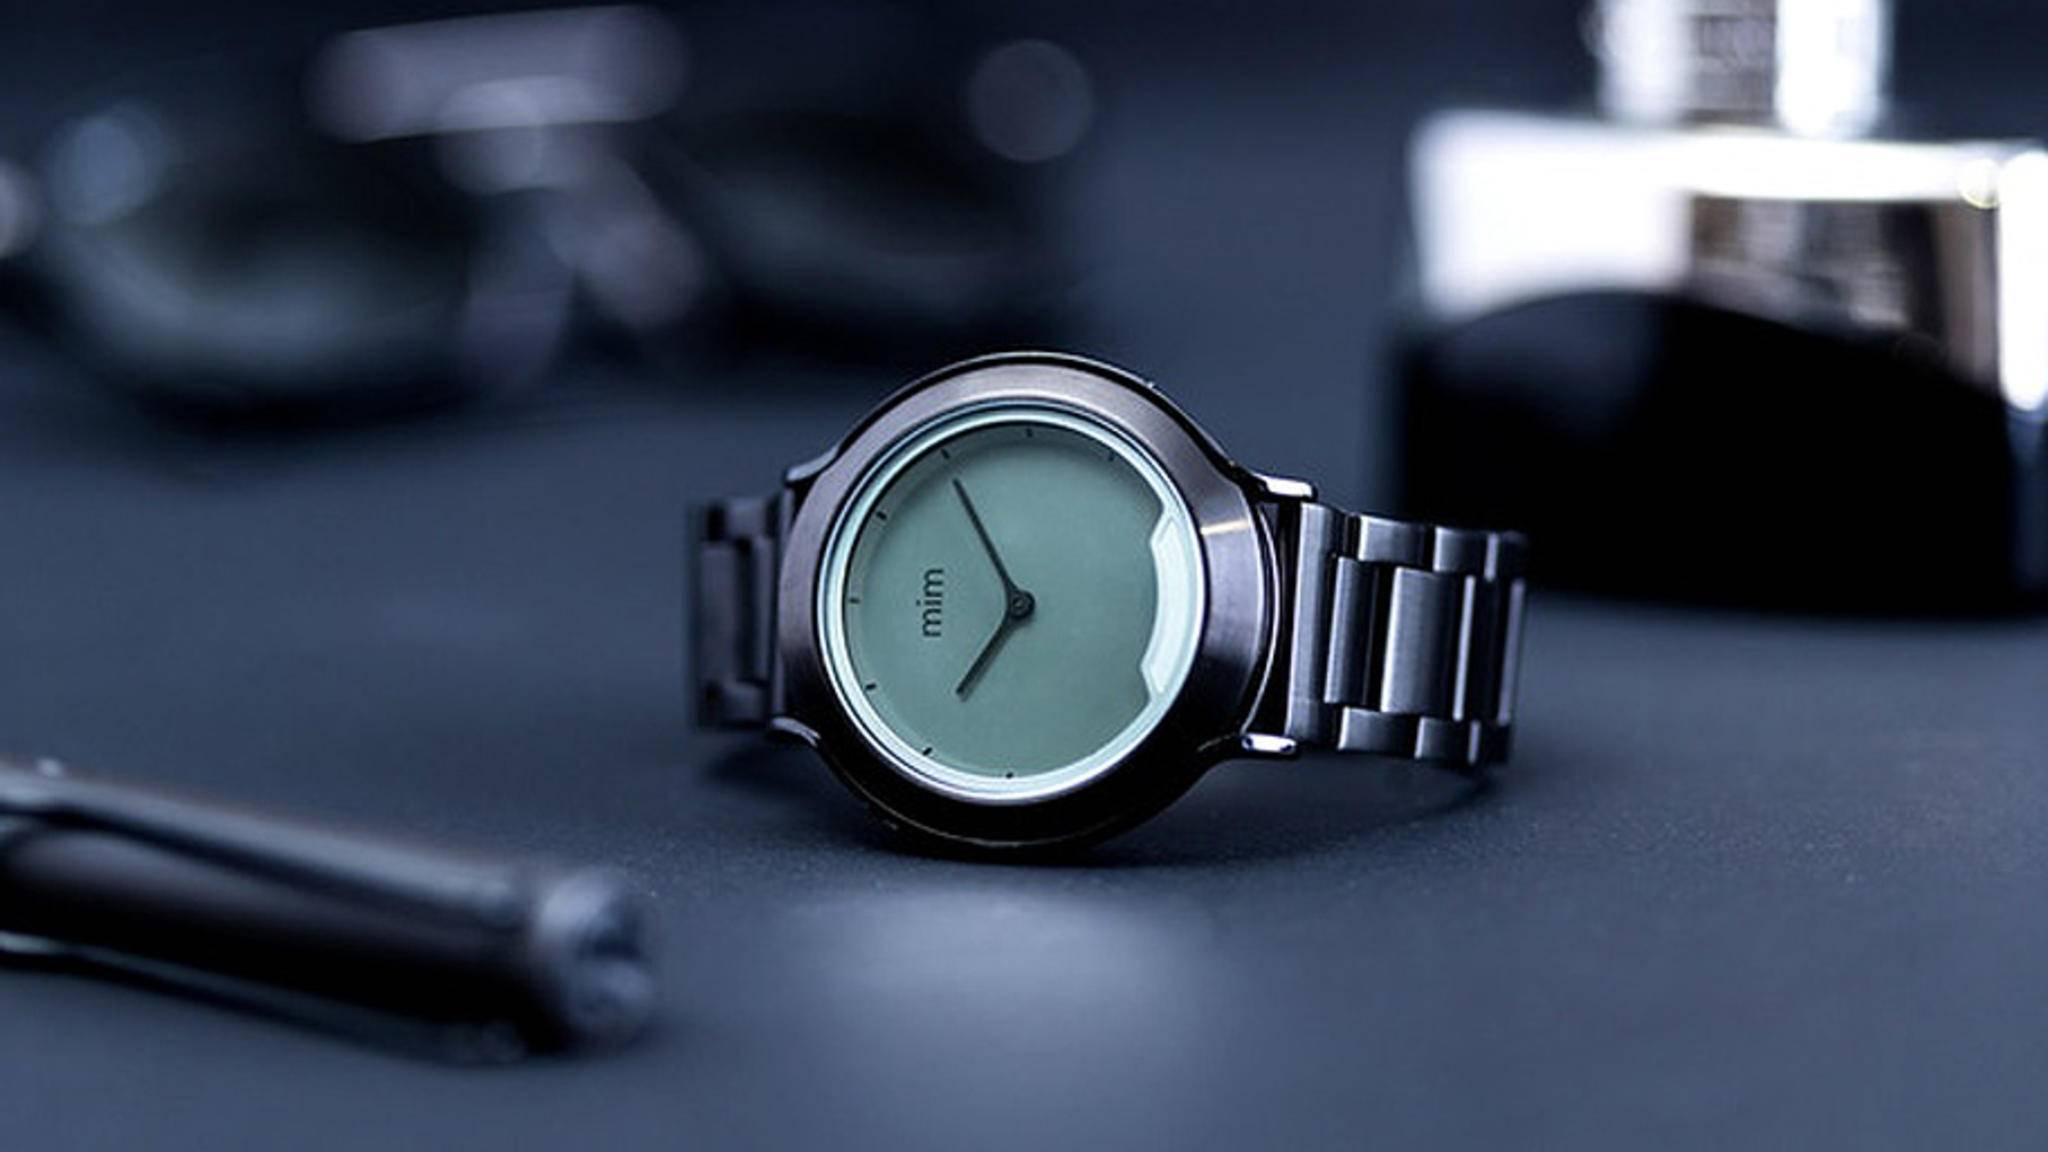 Edle Optik, smarte Features, lange Akkulaufzeit: Die Smartwatch mim X wird derzeit auf Kickstarter finanziert.